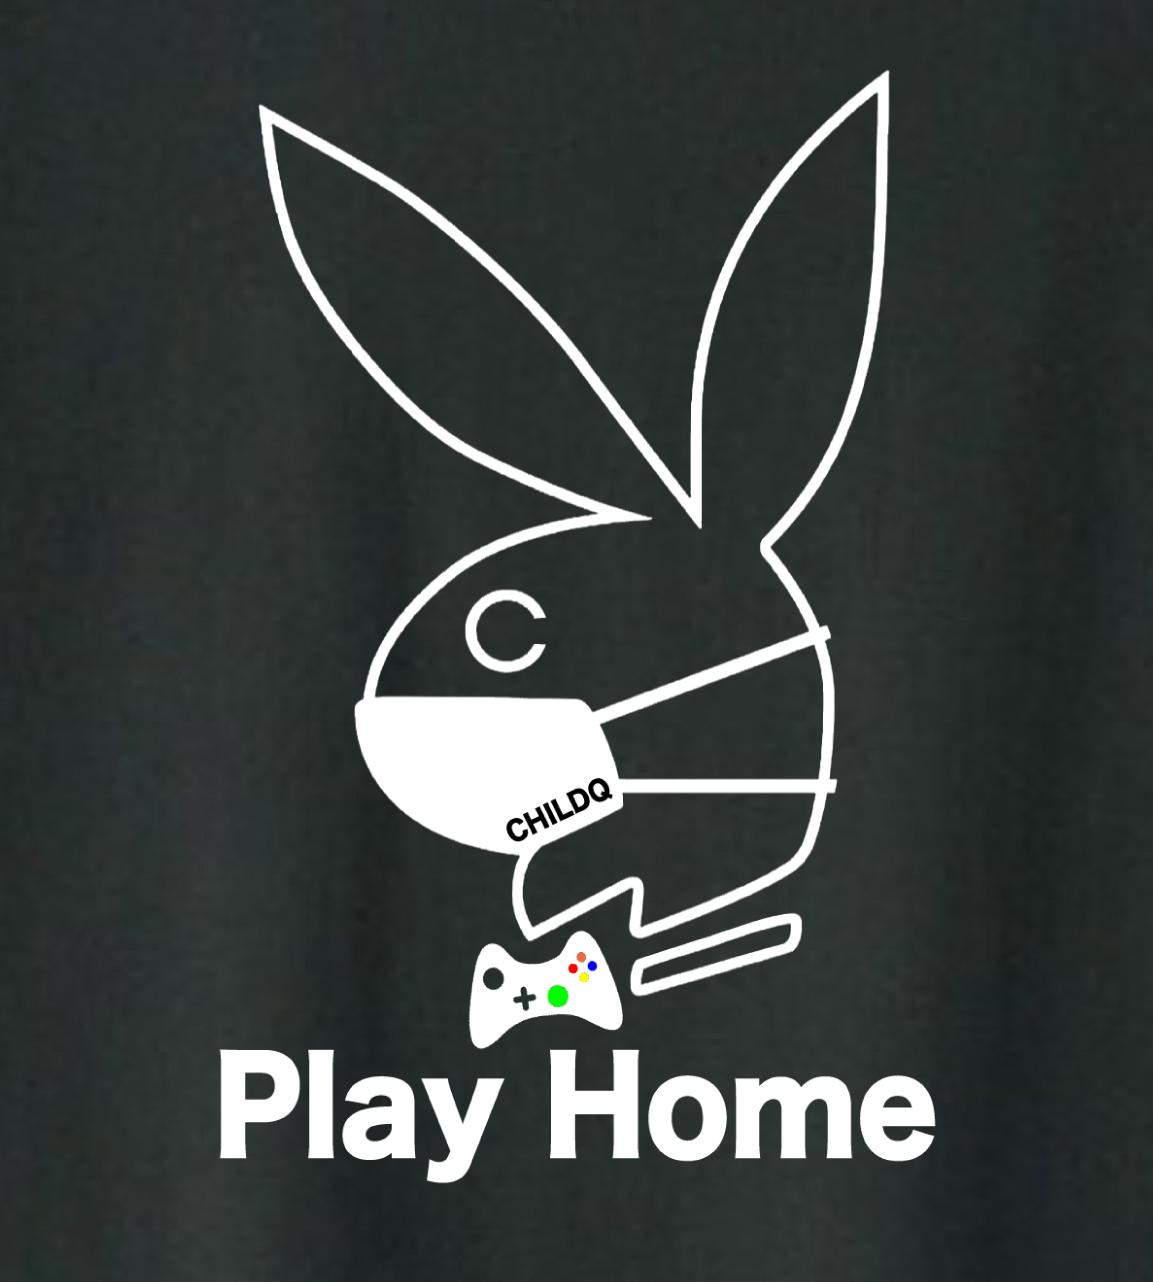 【期間限定商品】Play Home T-shirt Black